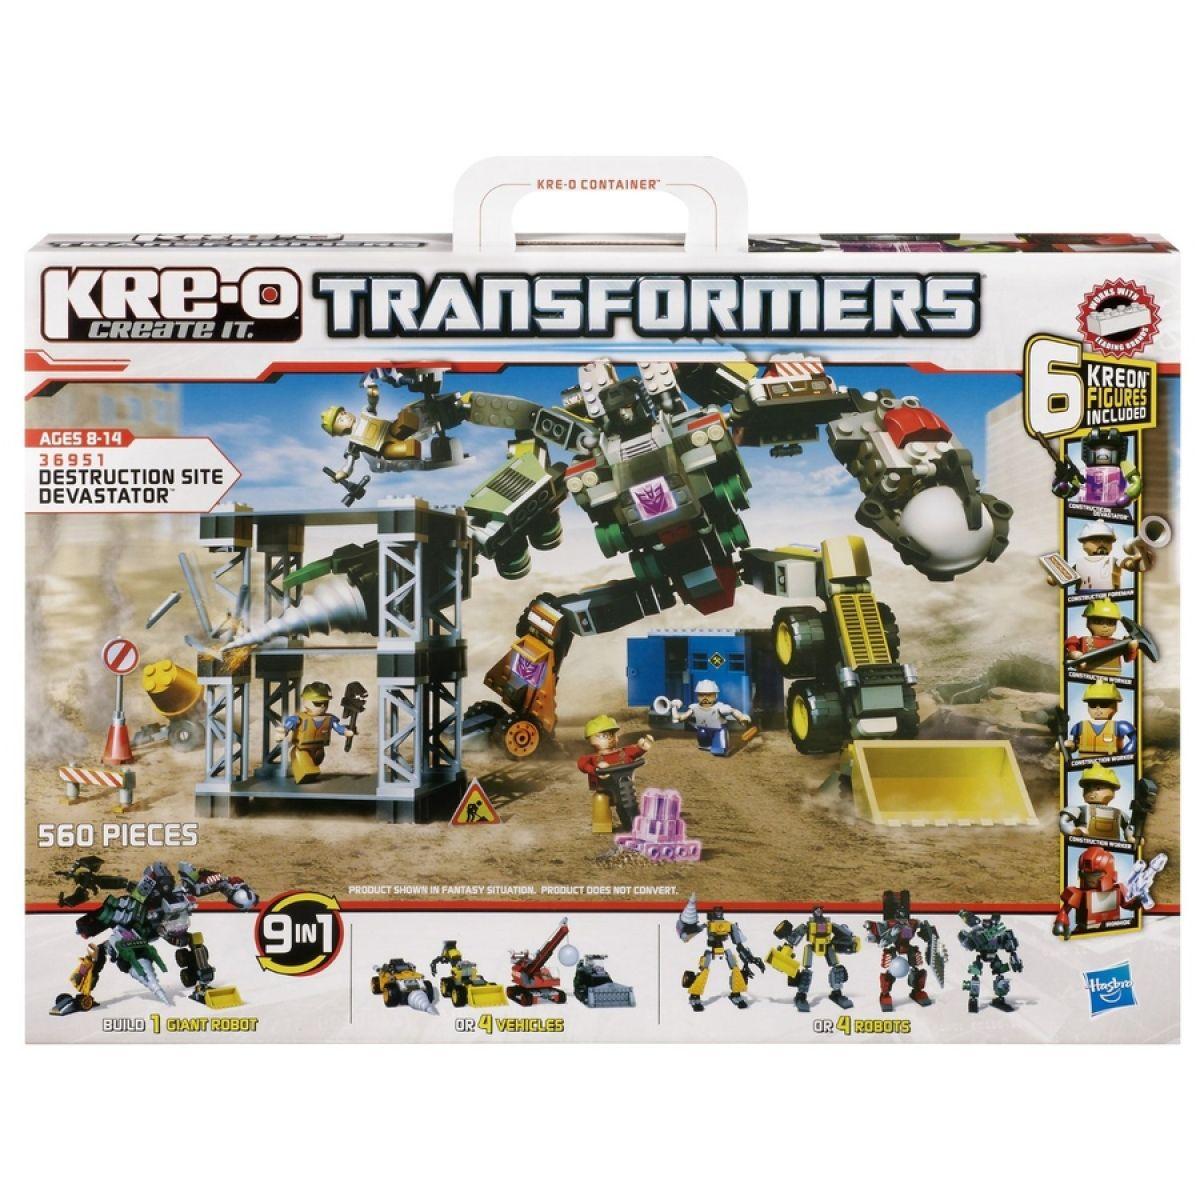 KRE-O Transformers stavebnice boj o Devastator - POŠKOZENÝ OBAL